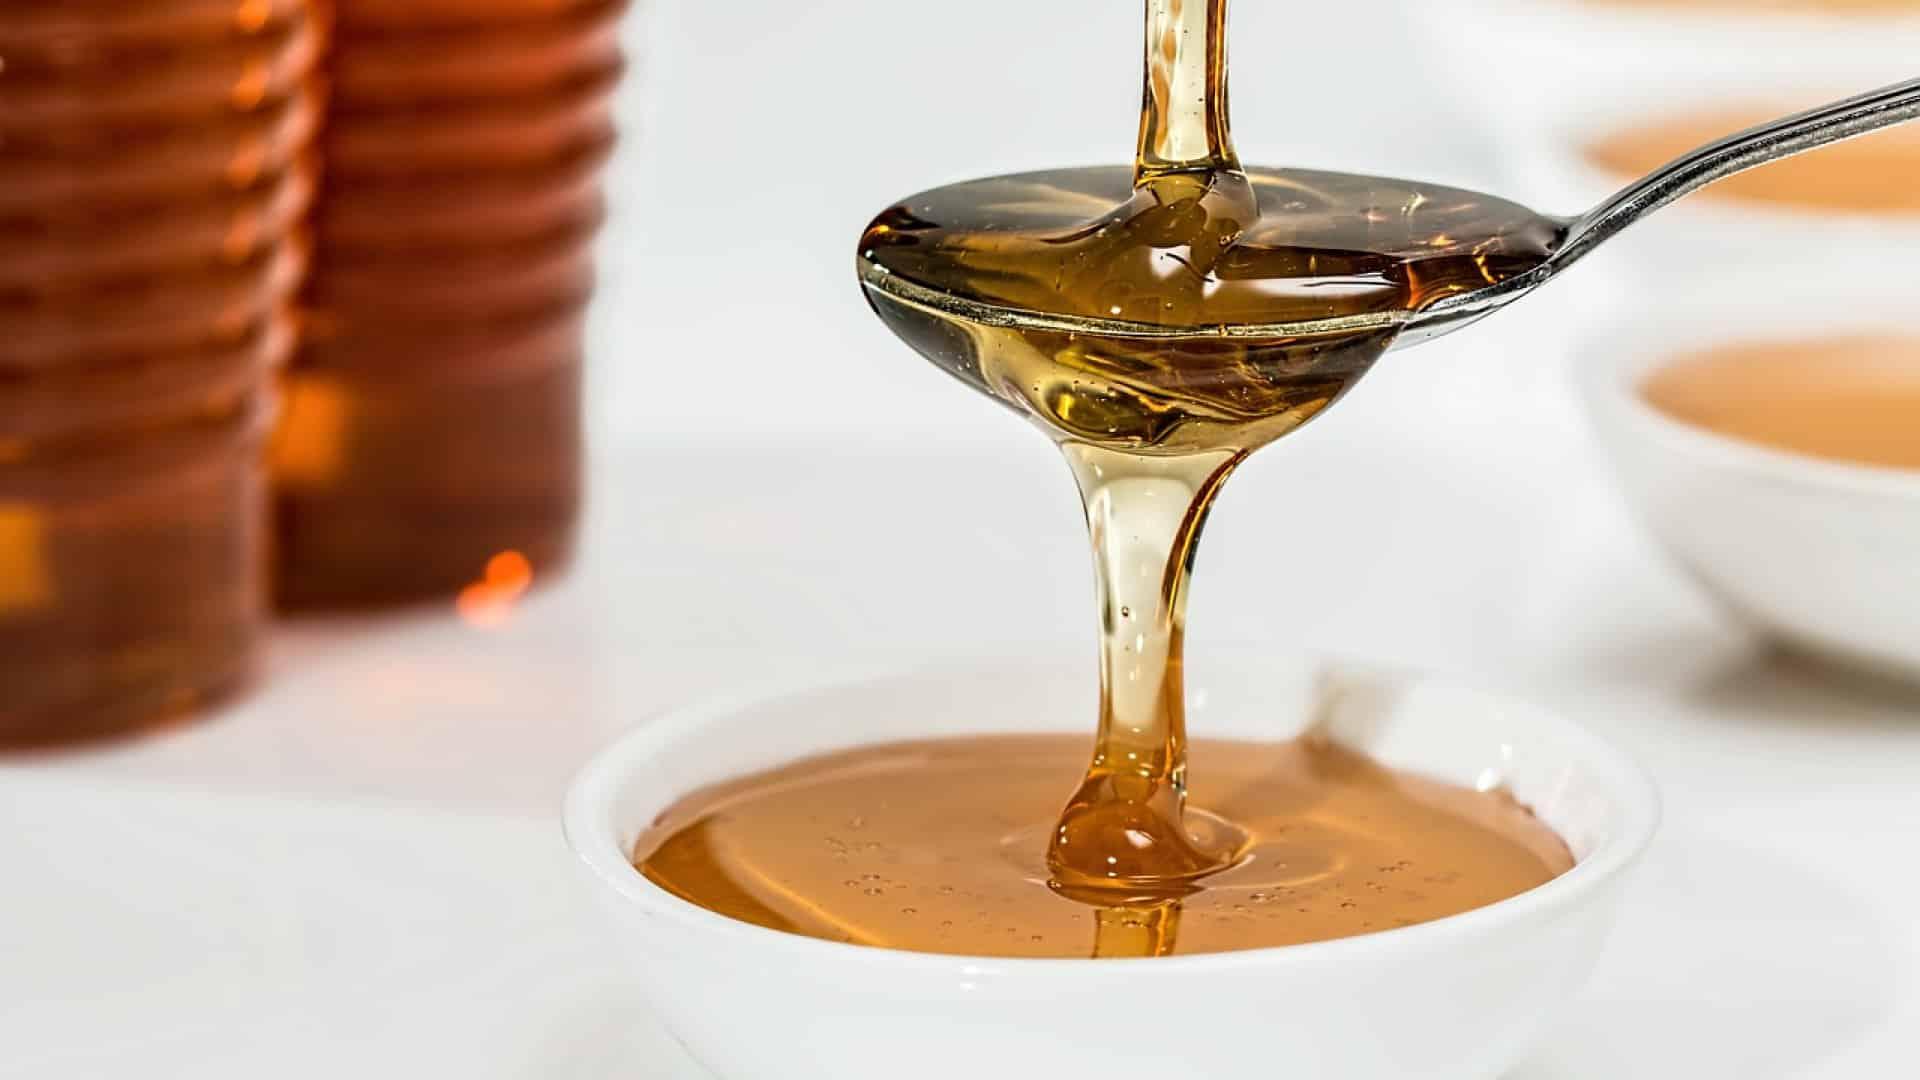 A la découverte du savoureux miel de jujubier